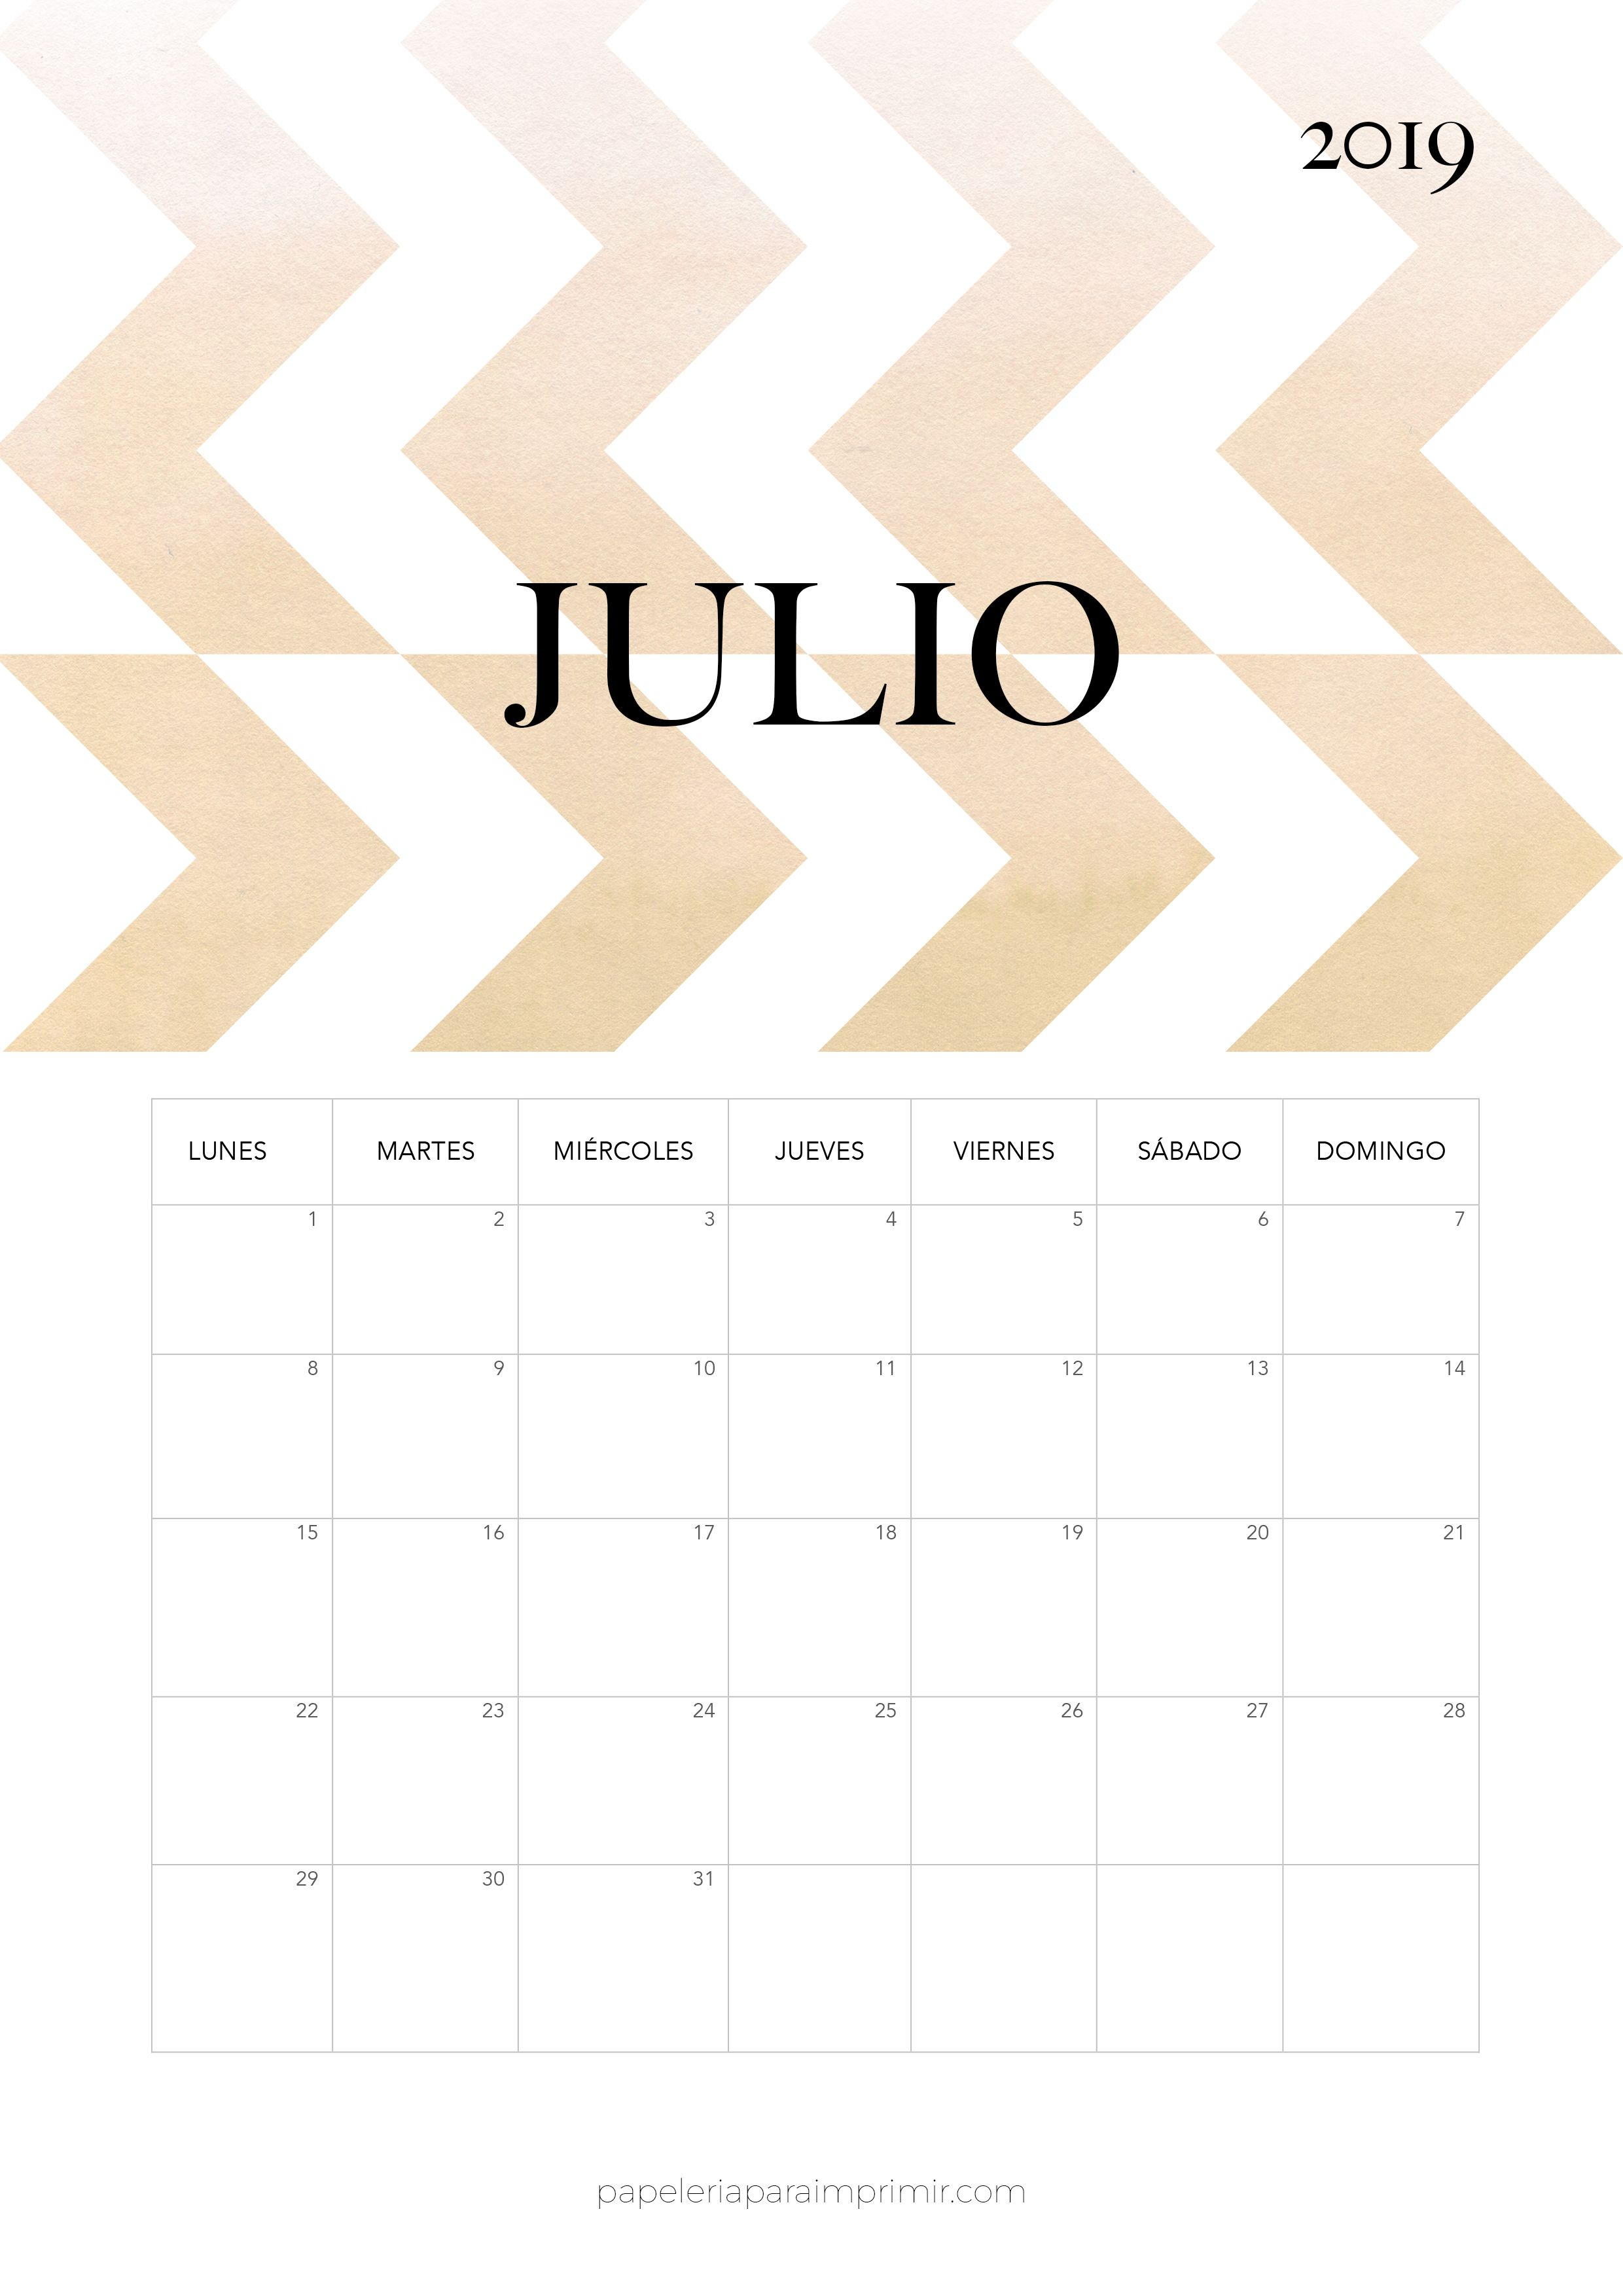 Calendario 2019 Moderno.Calendario 2019 Julio Calendario Mensual Moderno De Estilo